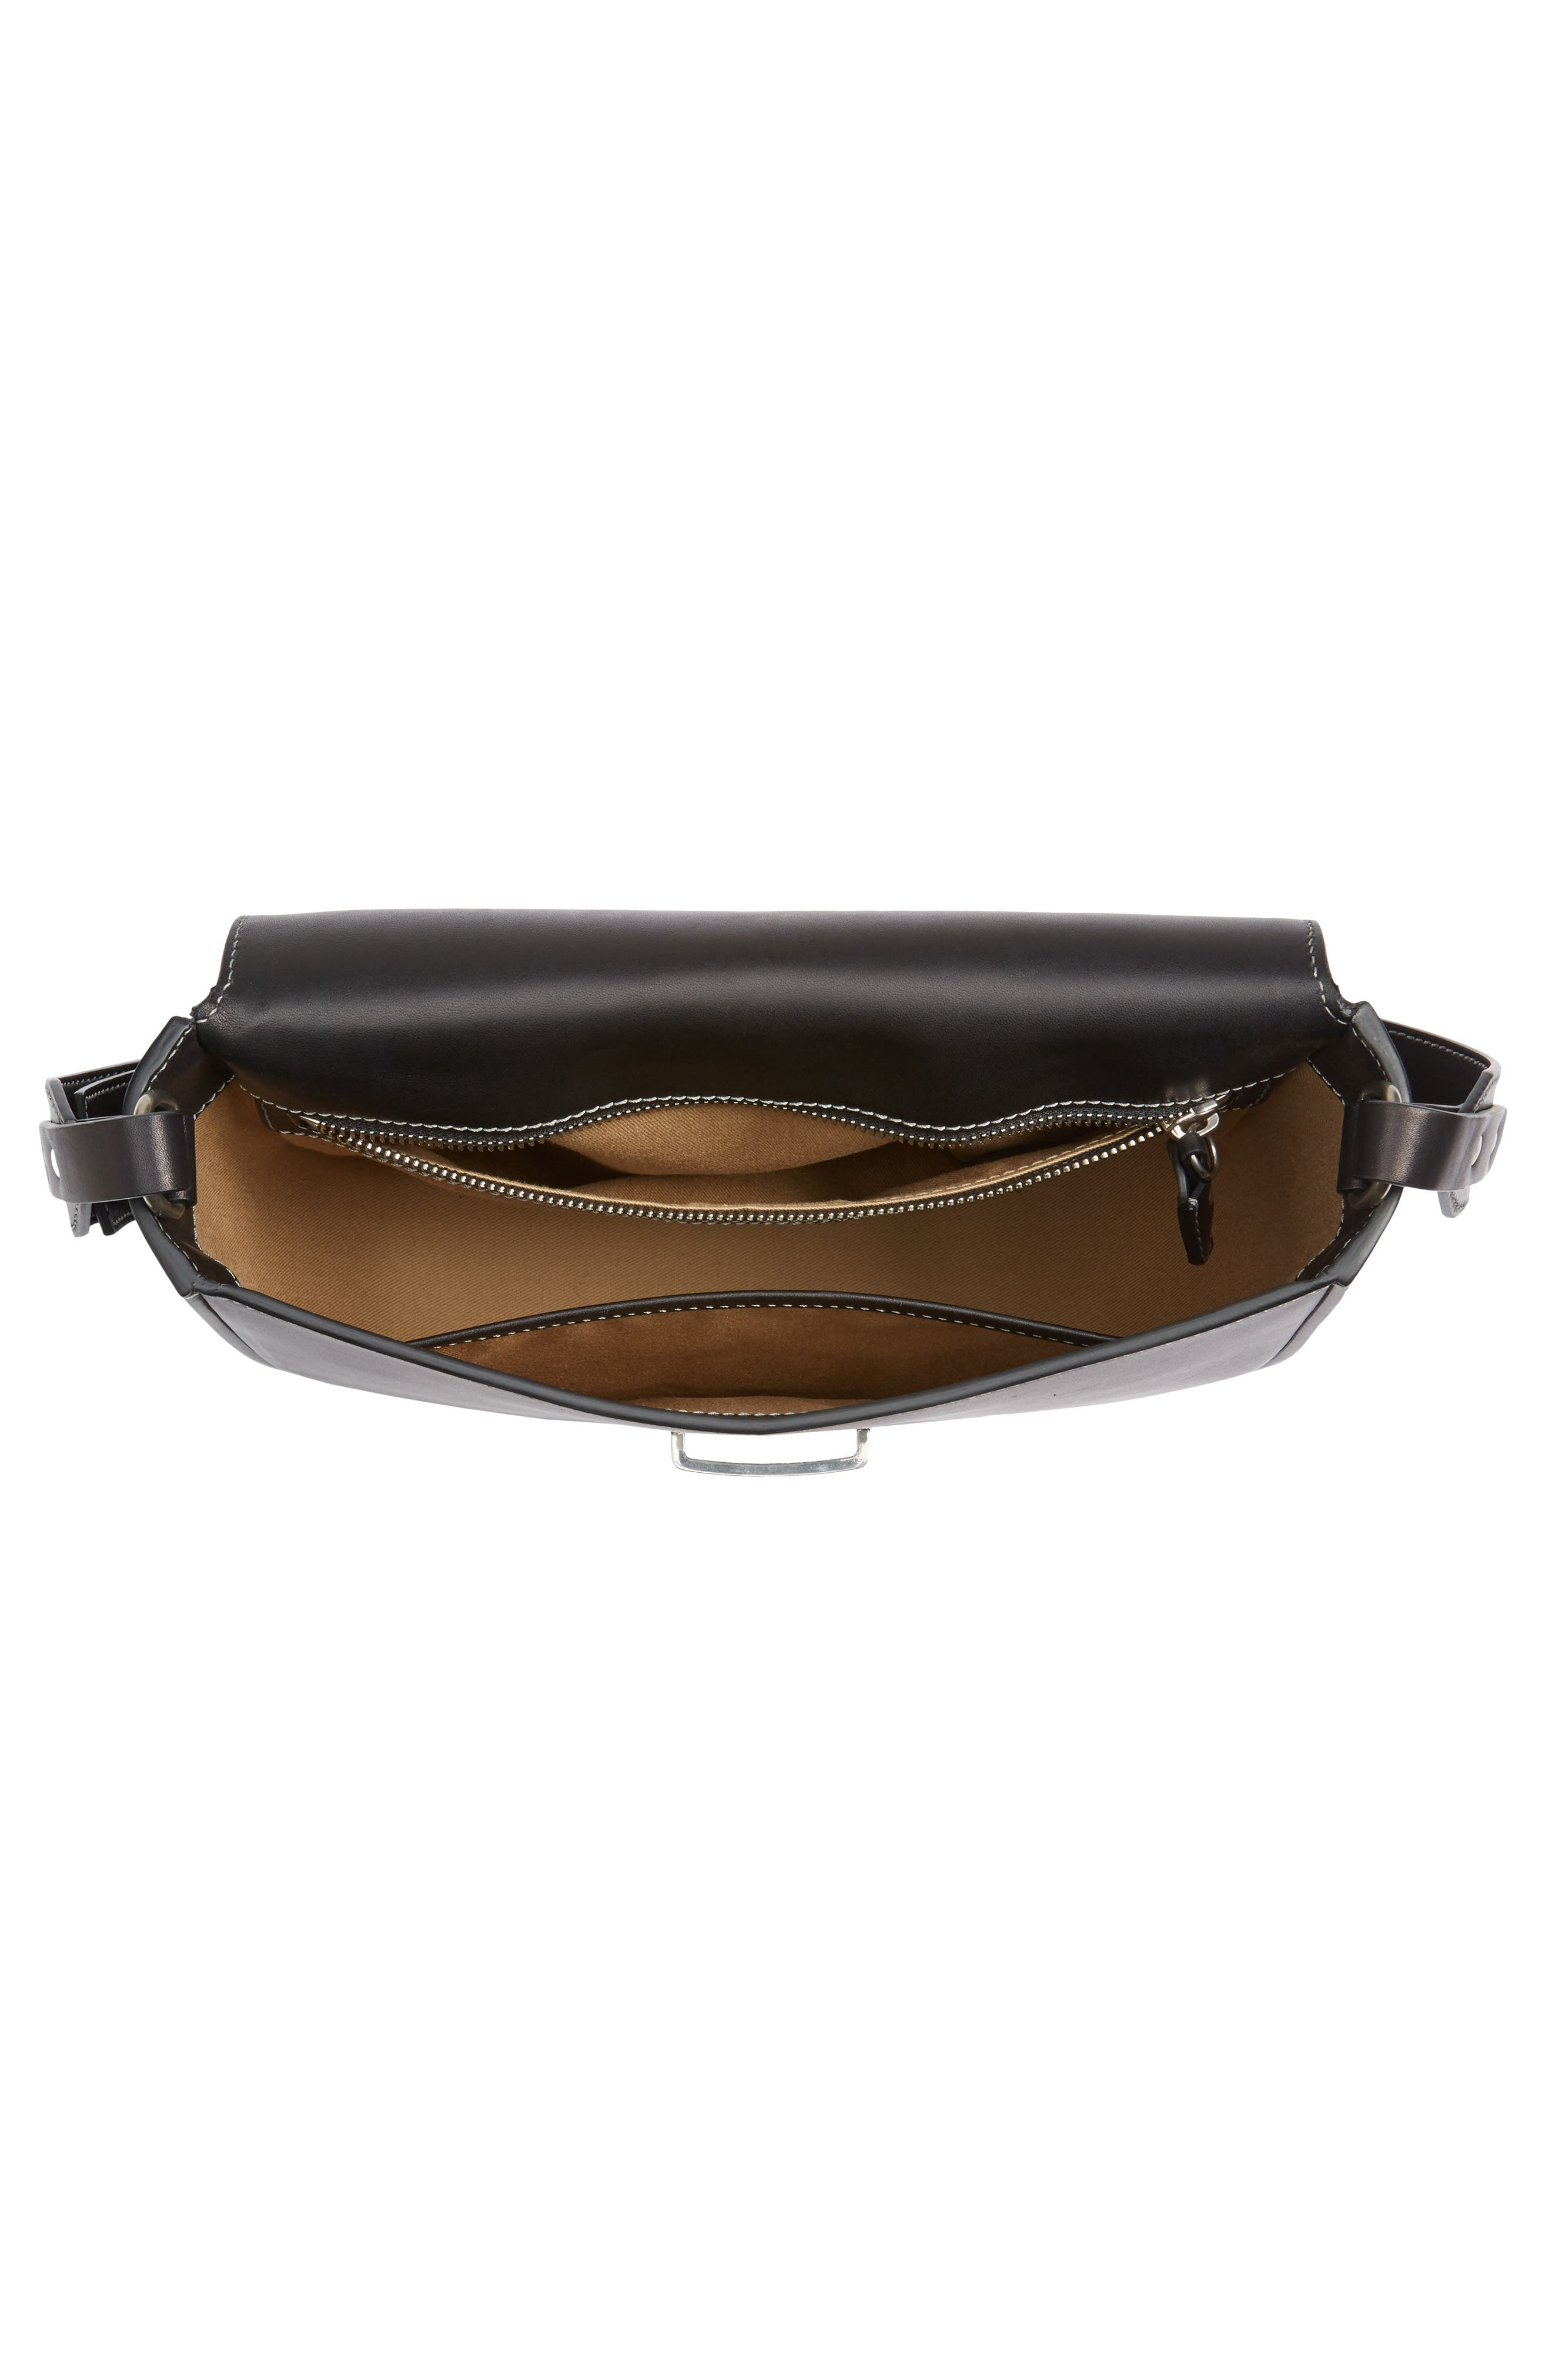 Marlow II Leather Shoulder Bag,                             Alternate thumbnail 4, color,                             001